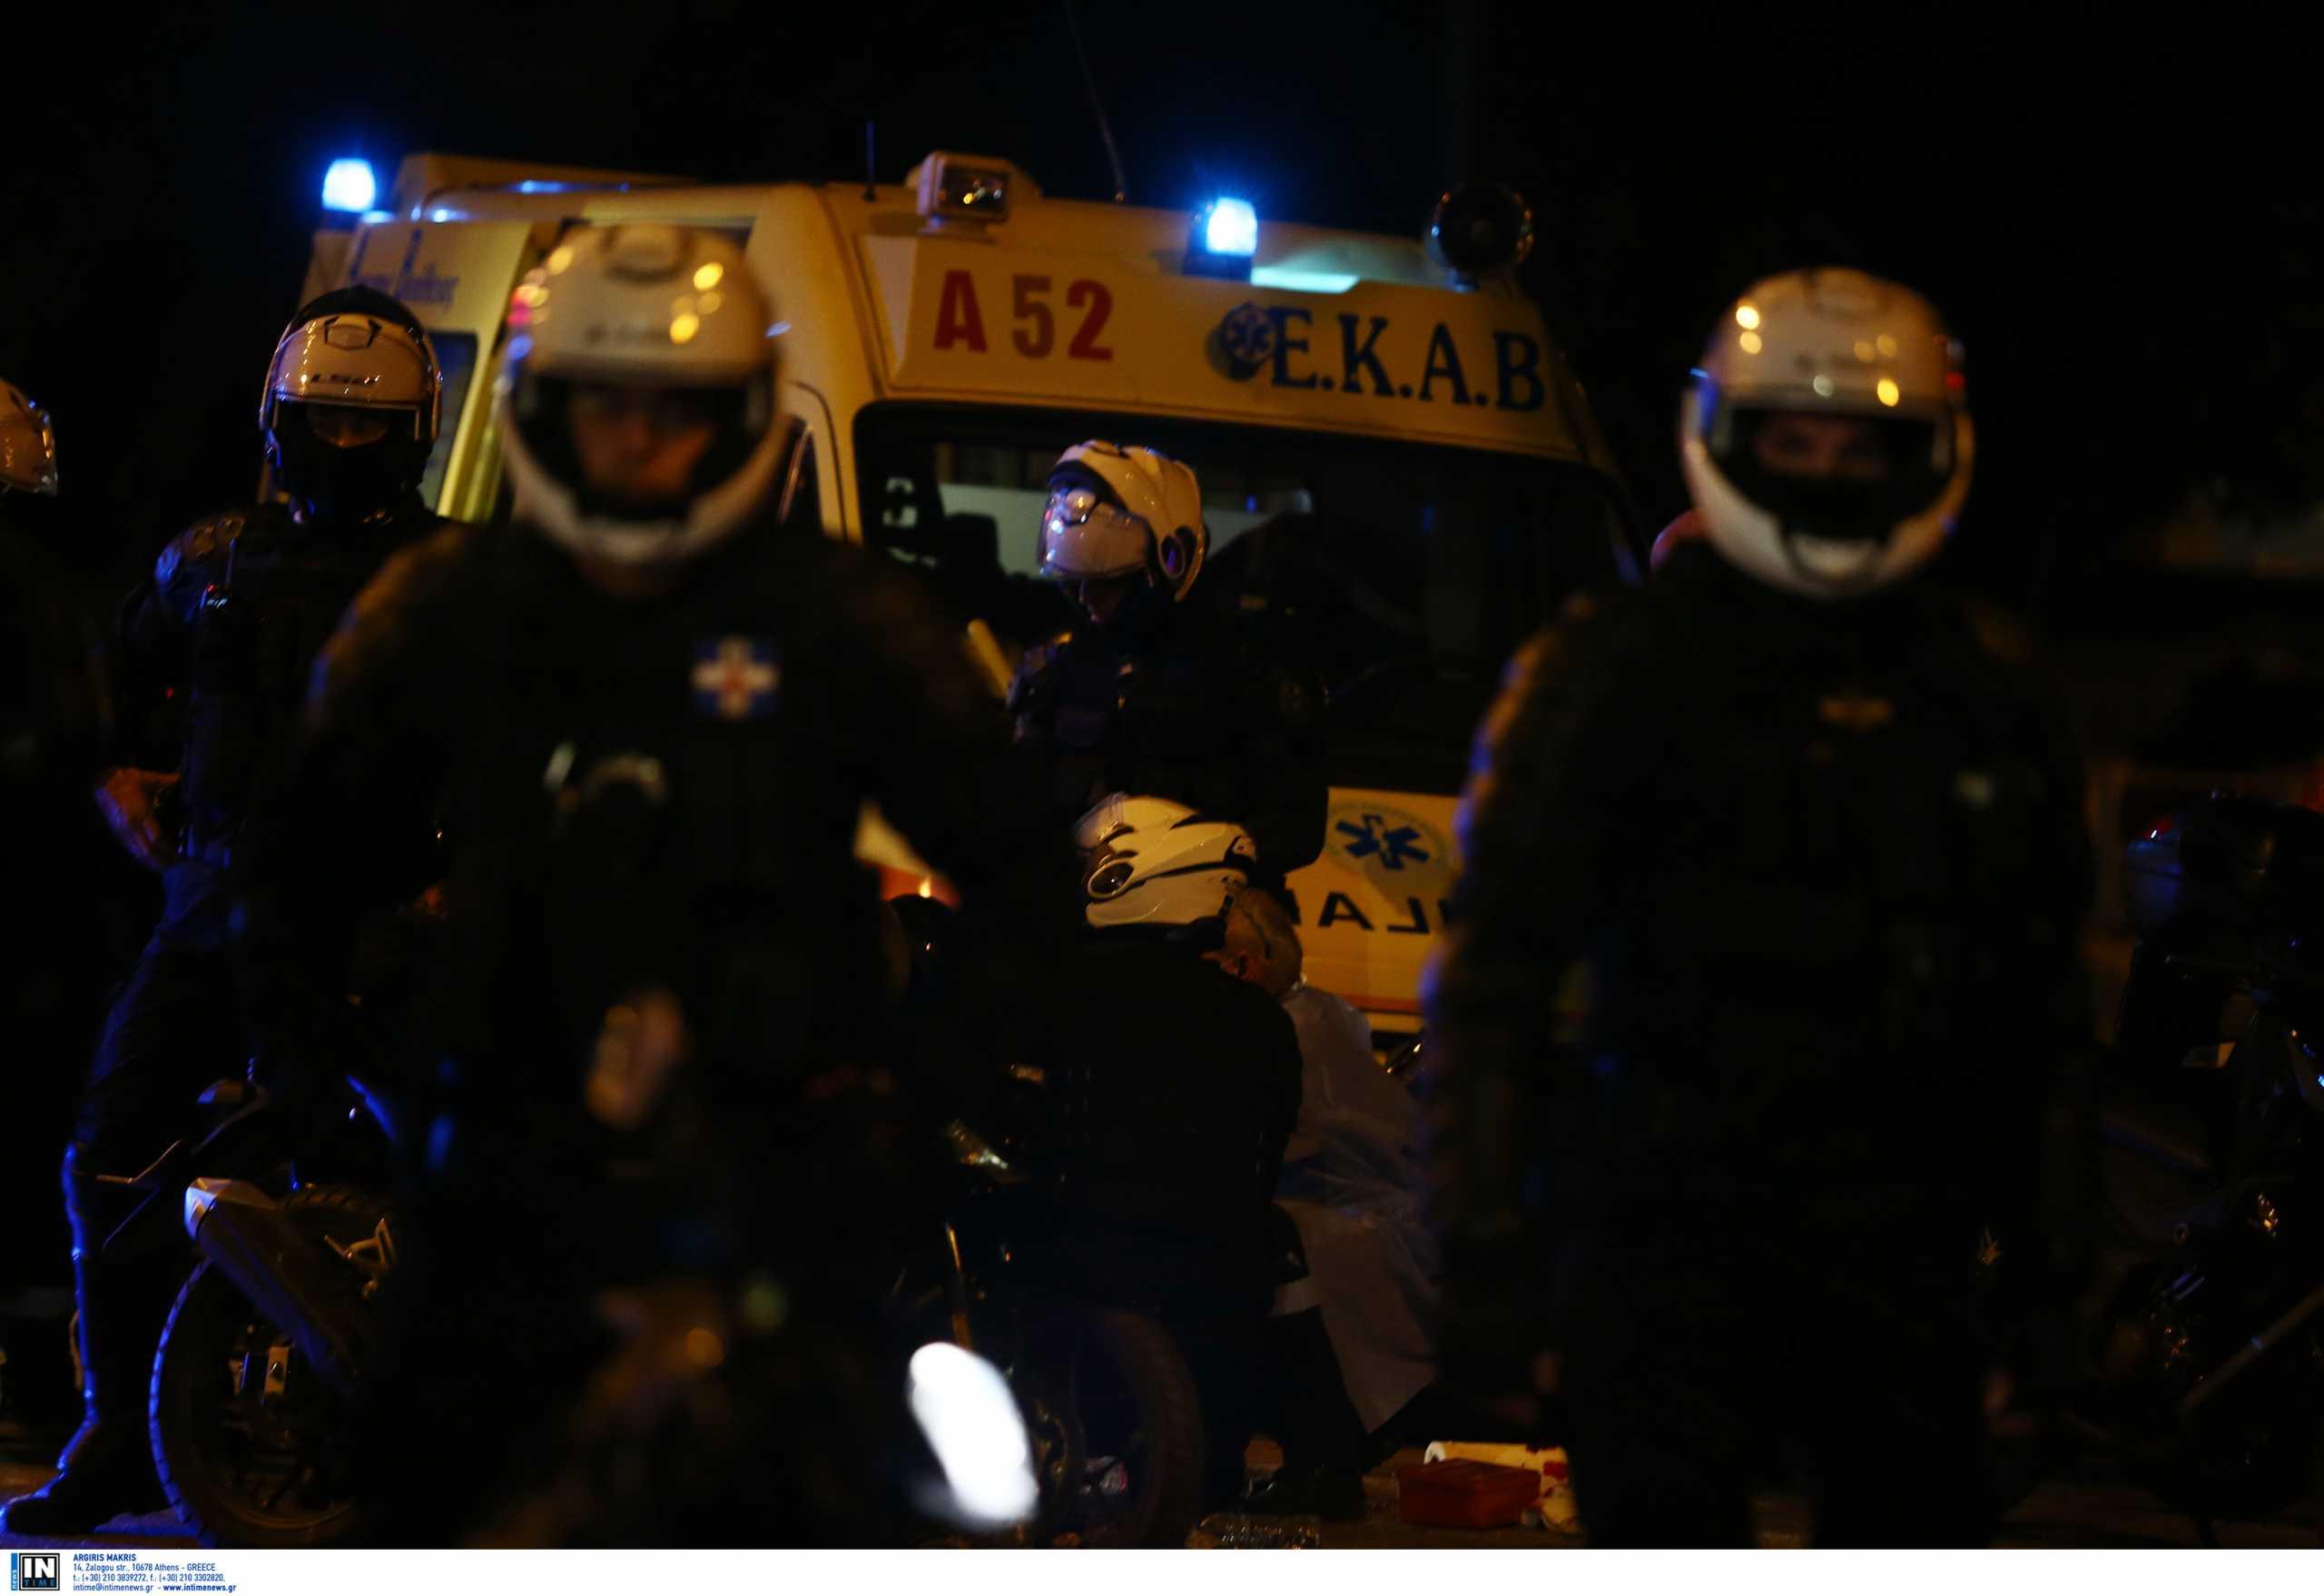 Νέα Σμύρνη: Τέσσερις συνολικά οι τραυματίες αστυνομικοί – Στο 401 ΓΣΝΑ η ηγεσία της ΕΛΑΣ